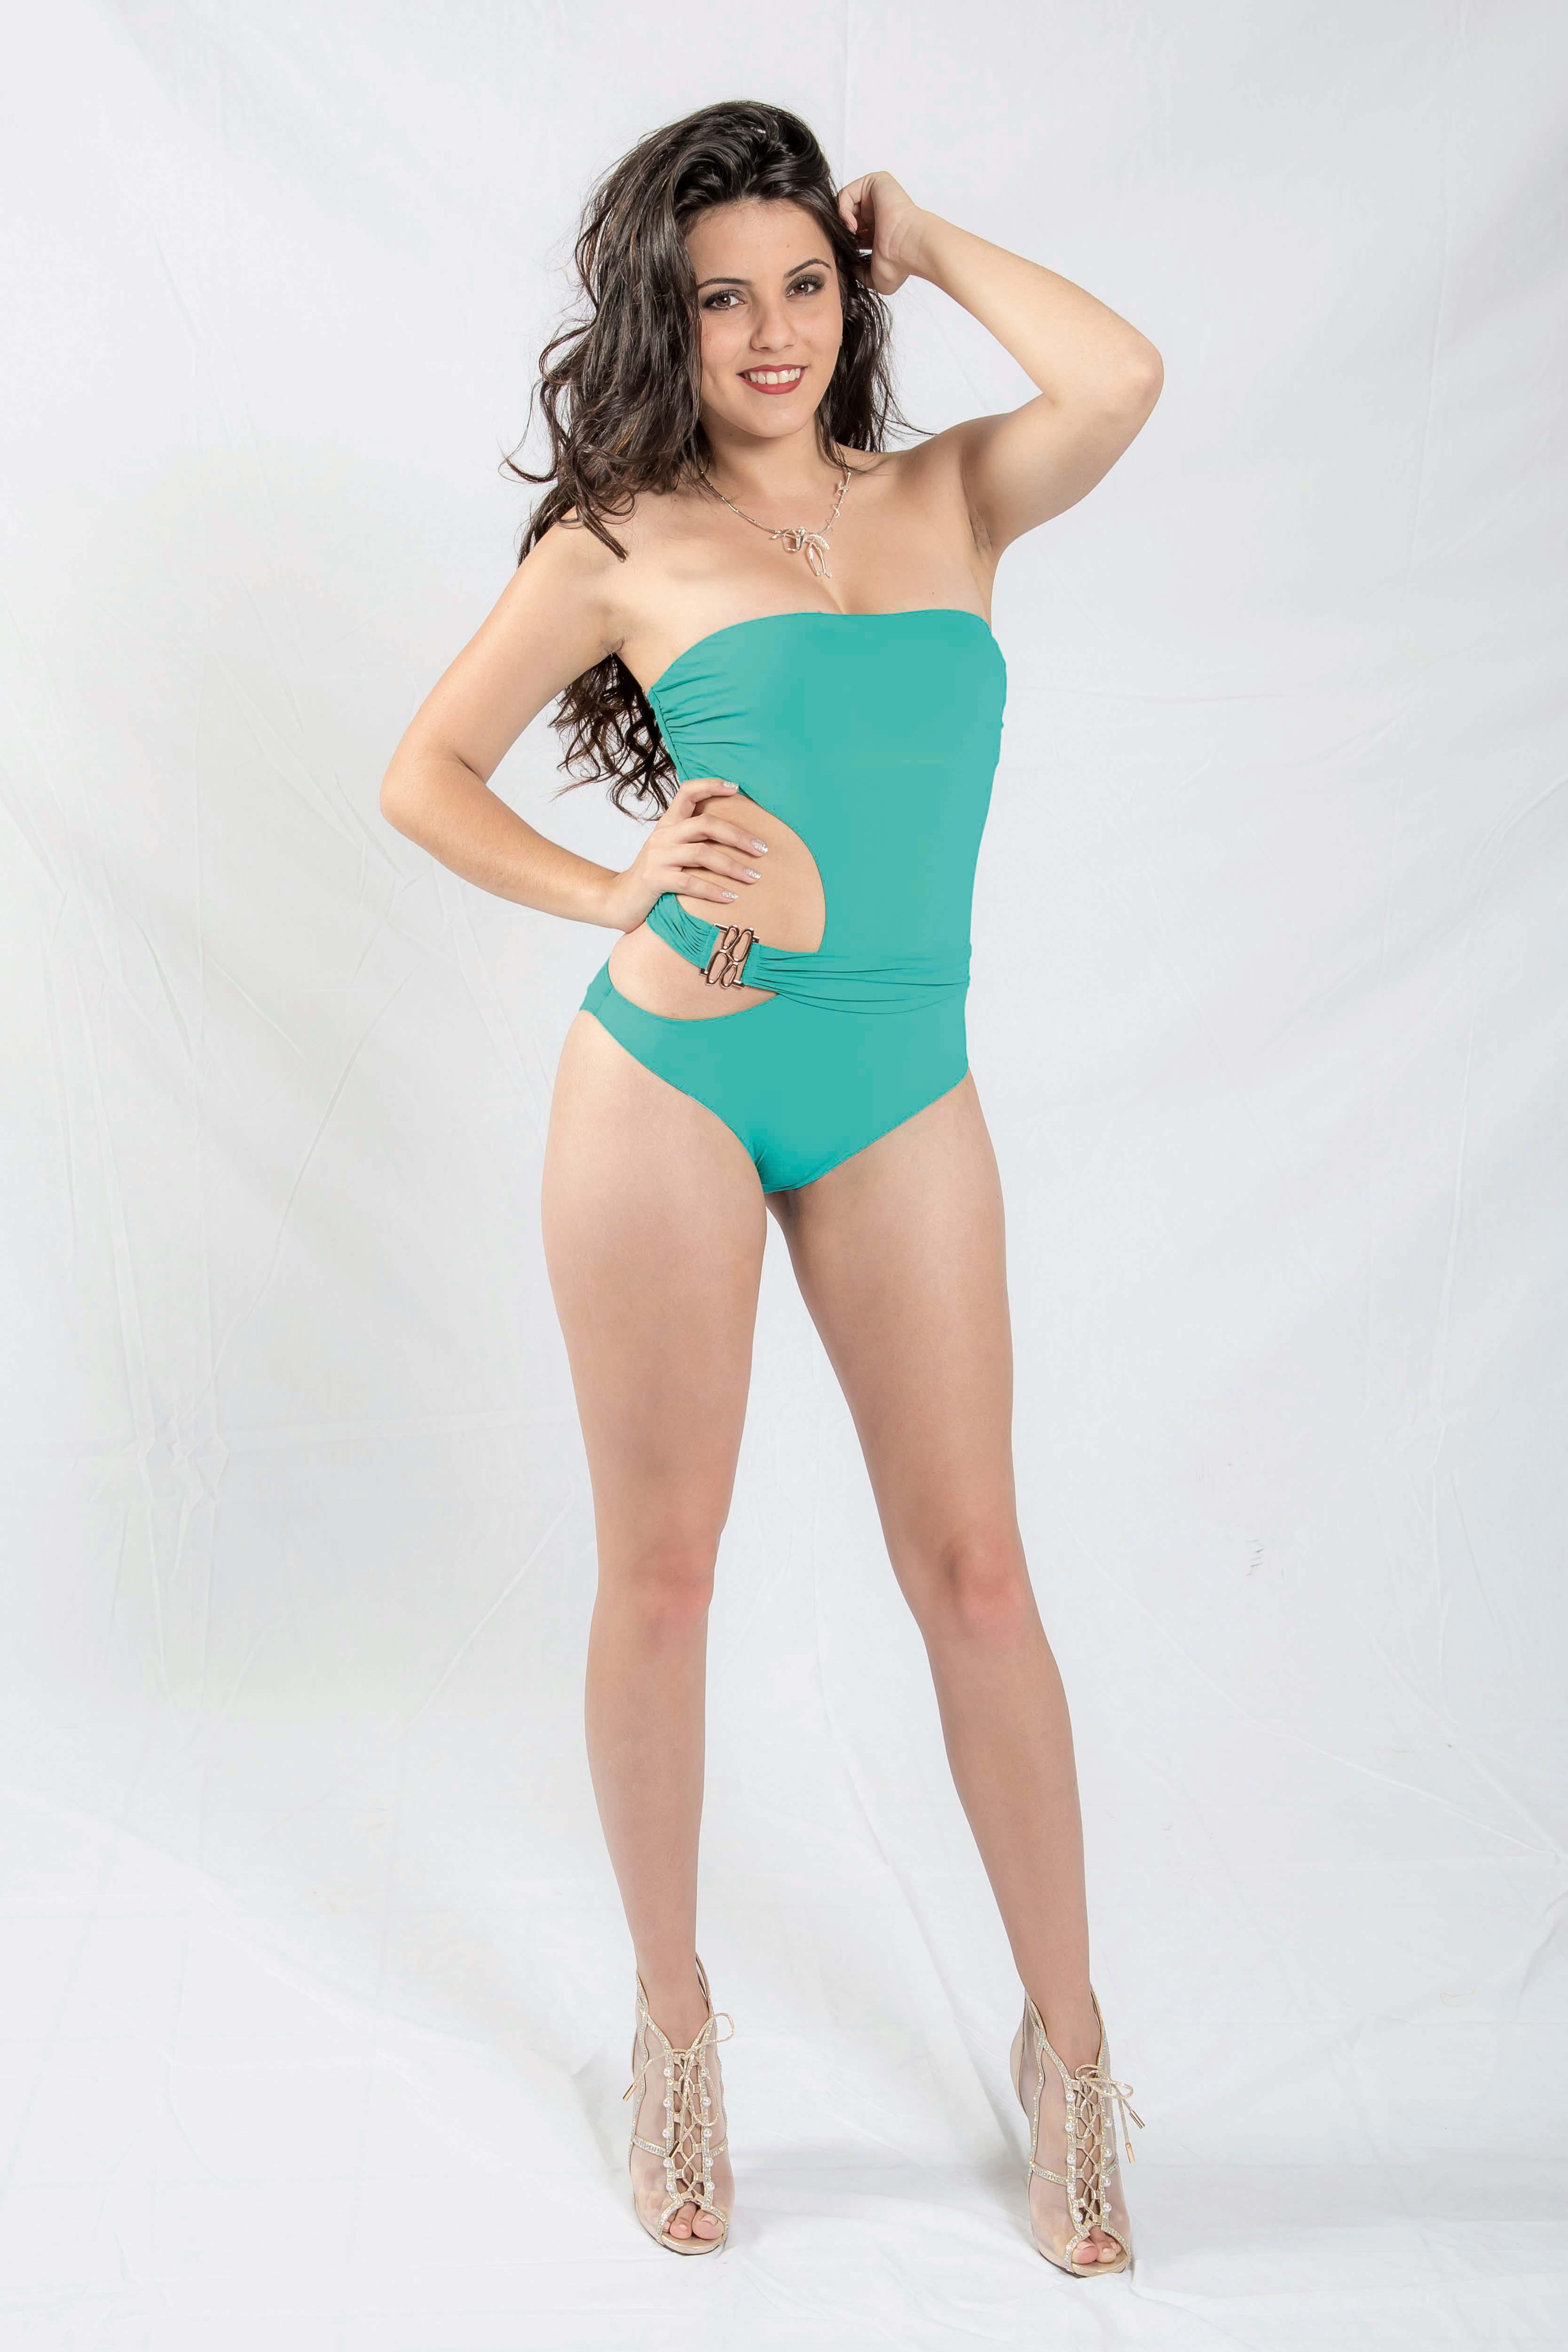 N°1: Naomie Bravin